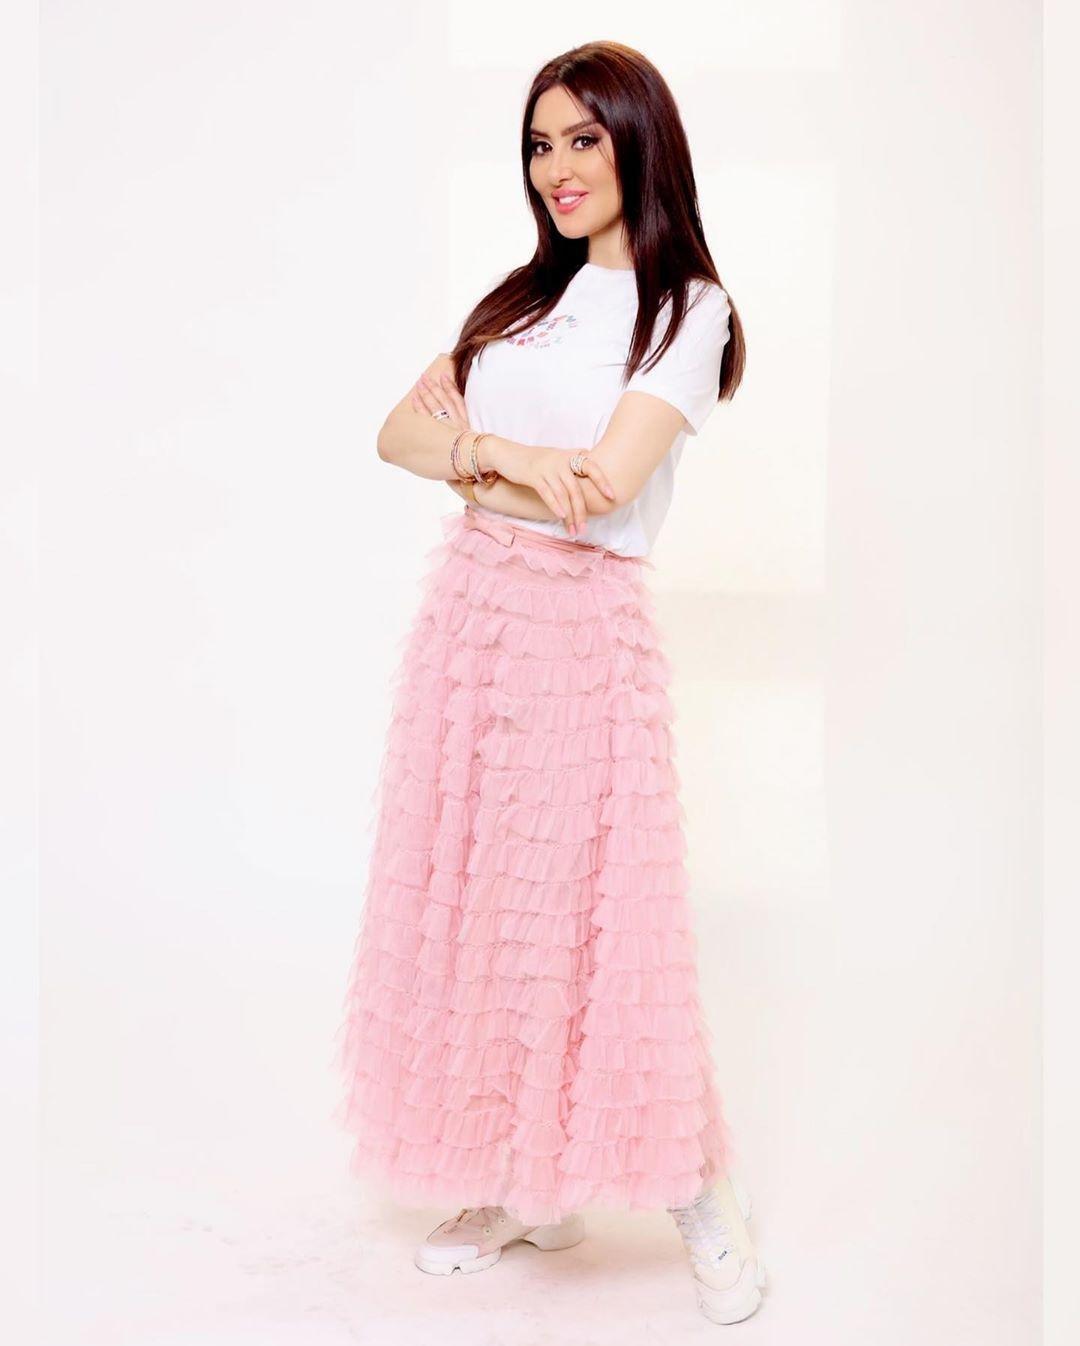 اختارت ميساء مغربي تنورة طويلة من الكشكش باللون الزهري